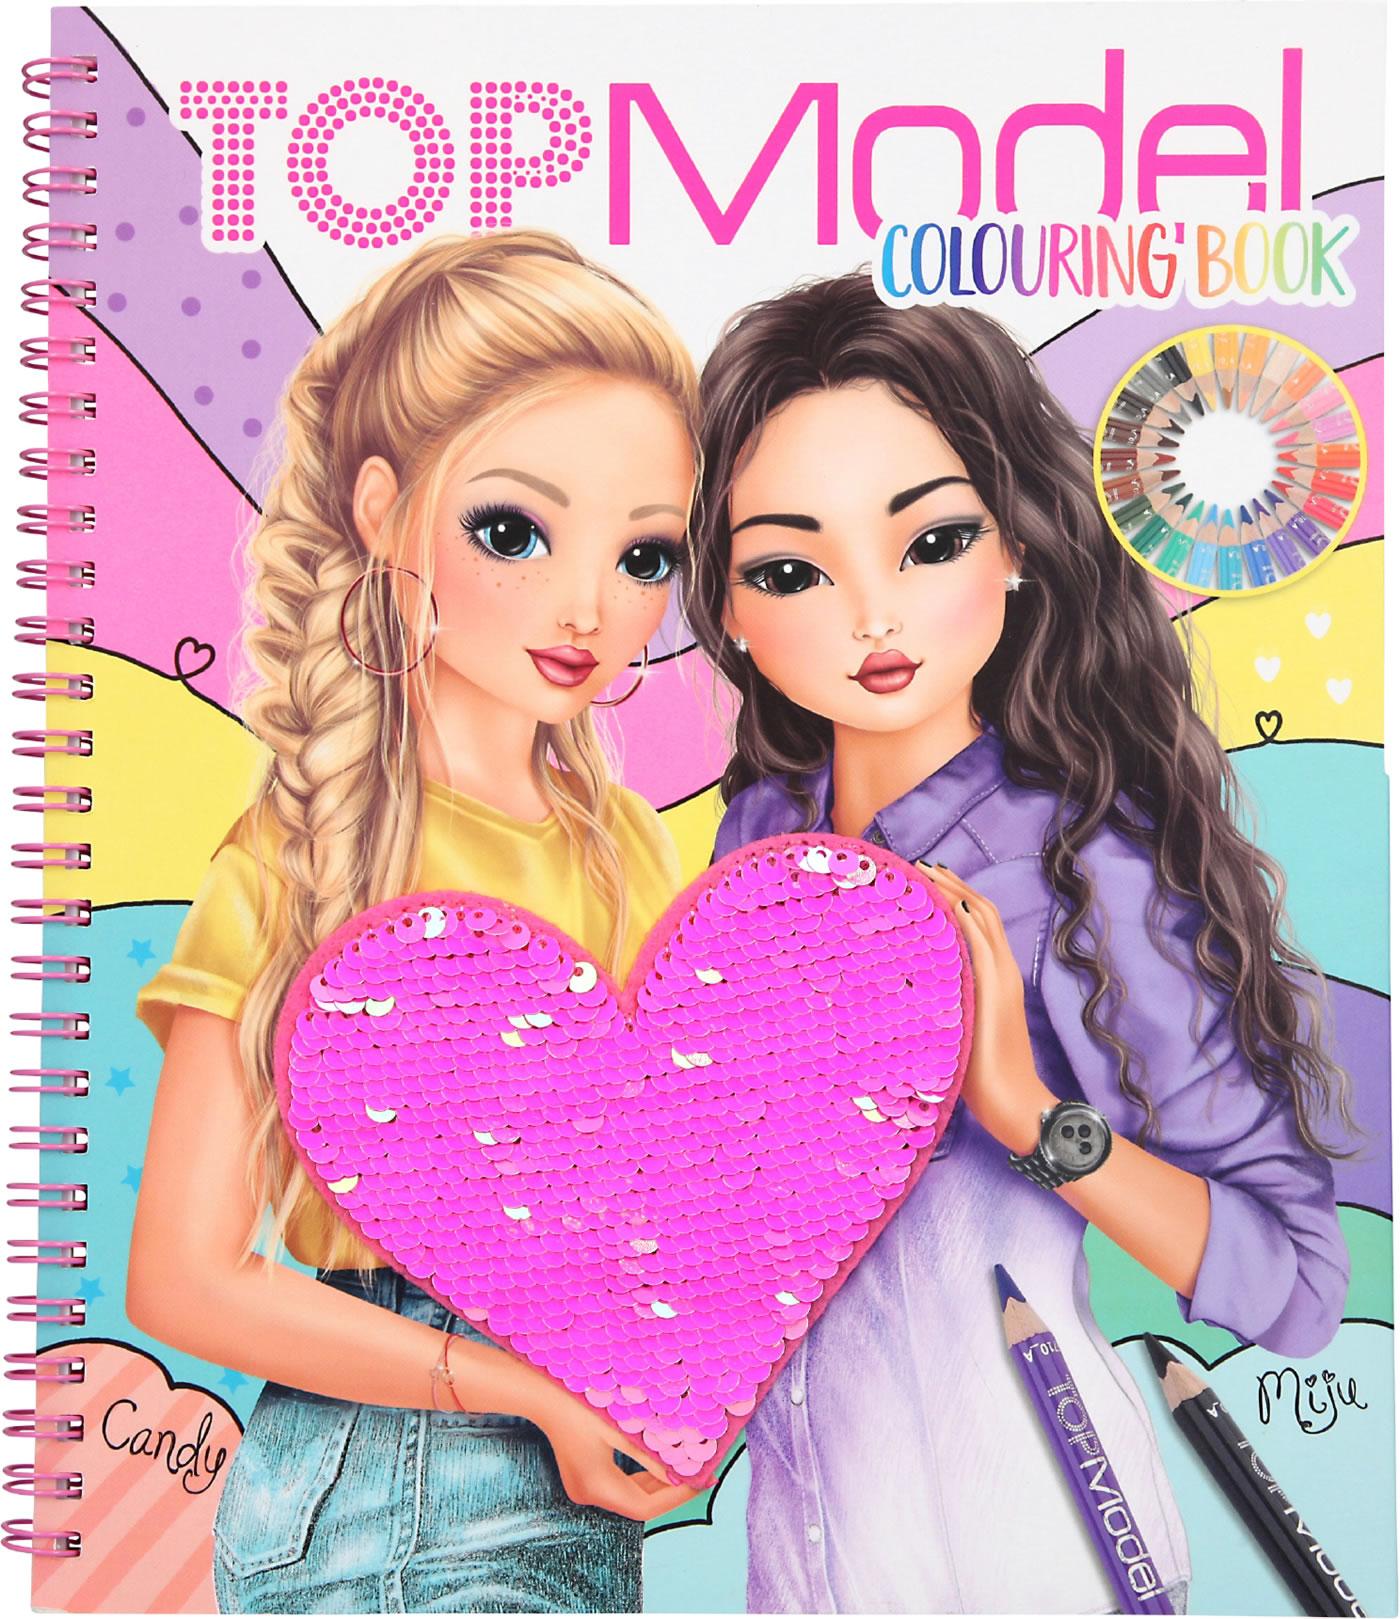 Topmodel Livre A Colorier Avec Paillettes Candy Miju